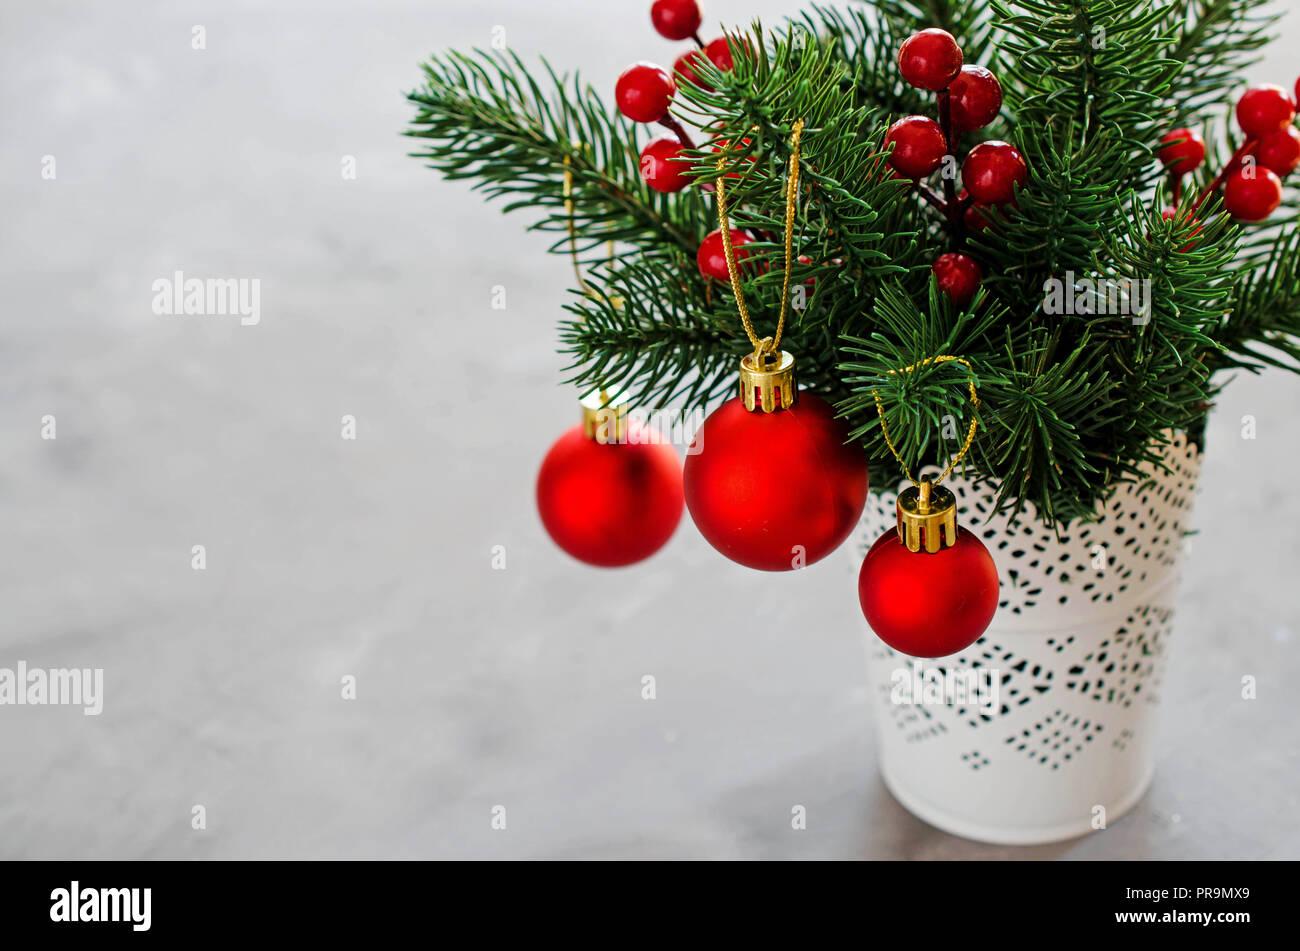 Weihnachtsgrüße Postkarte.Schöne Weihnachtsgrüße Russisch